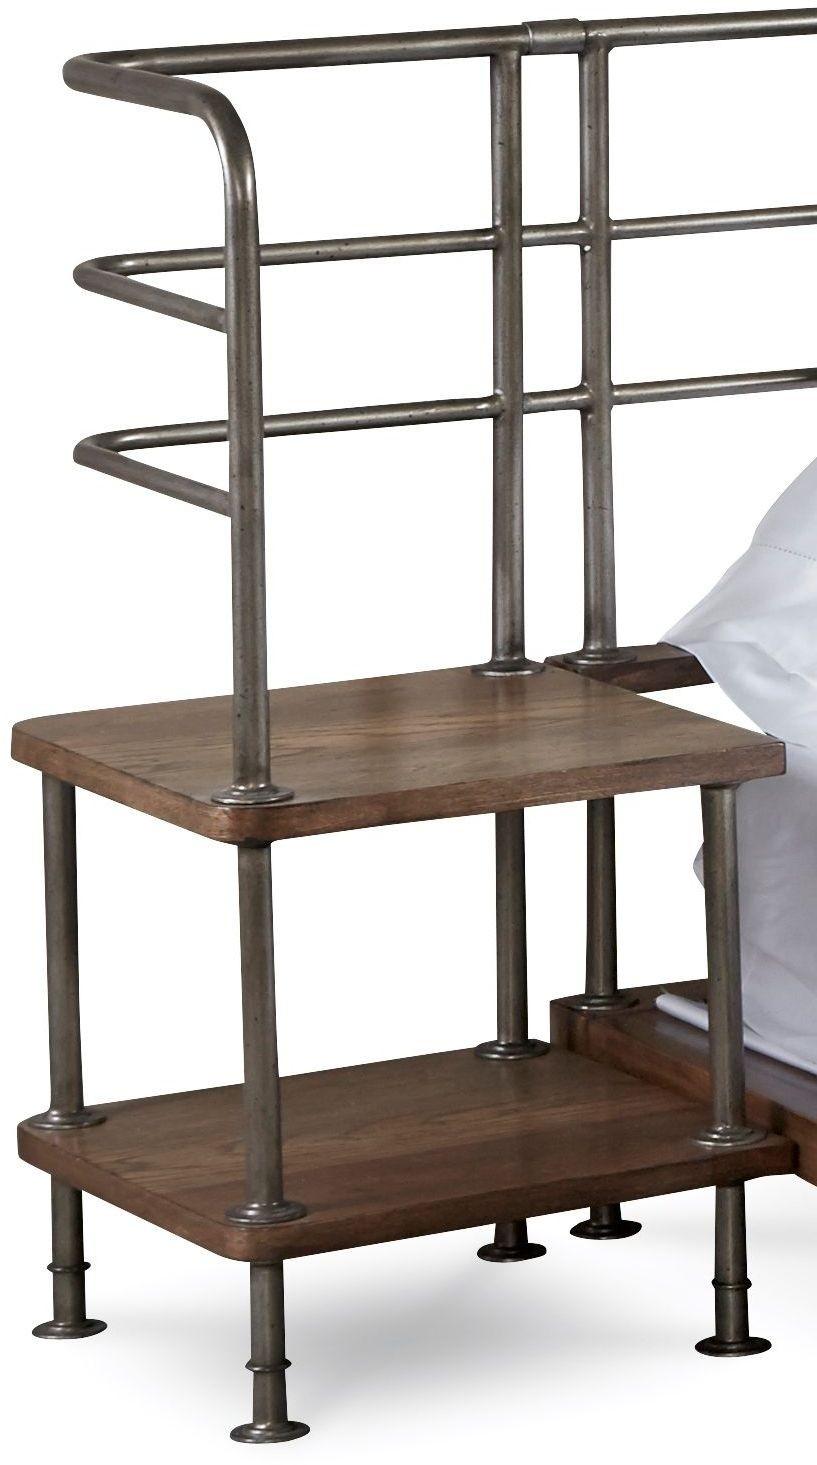 epicenters light oak king nightstands set of 2 from art coleman furniture. Black Bedroom Furniture Sets. Home Design Ideas